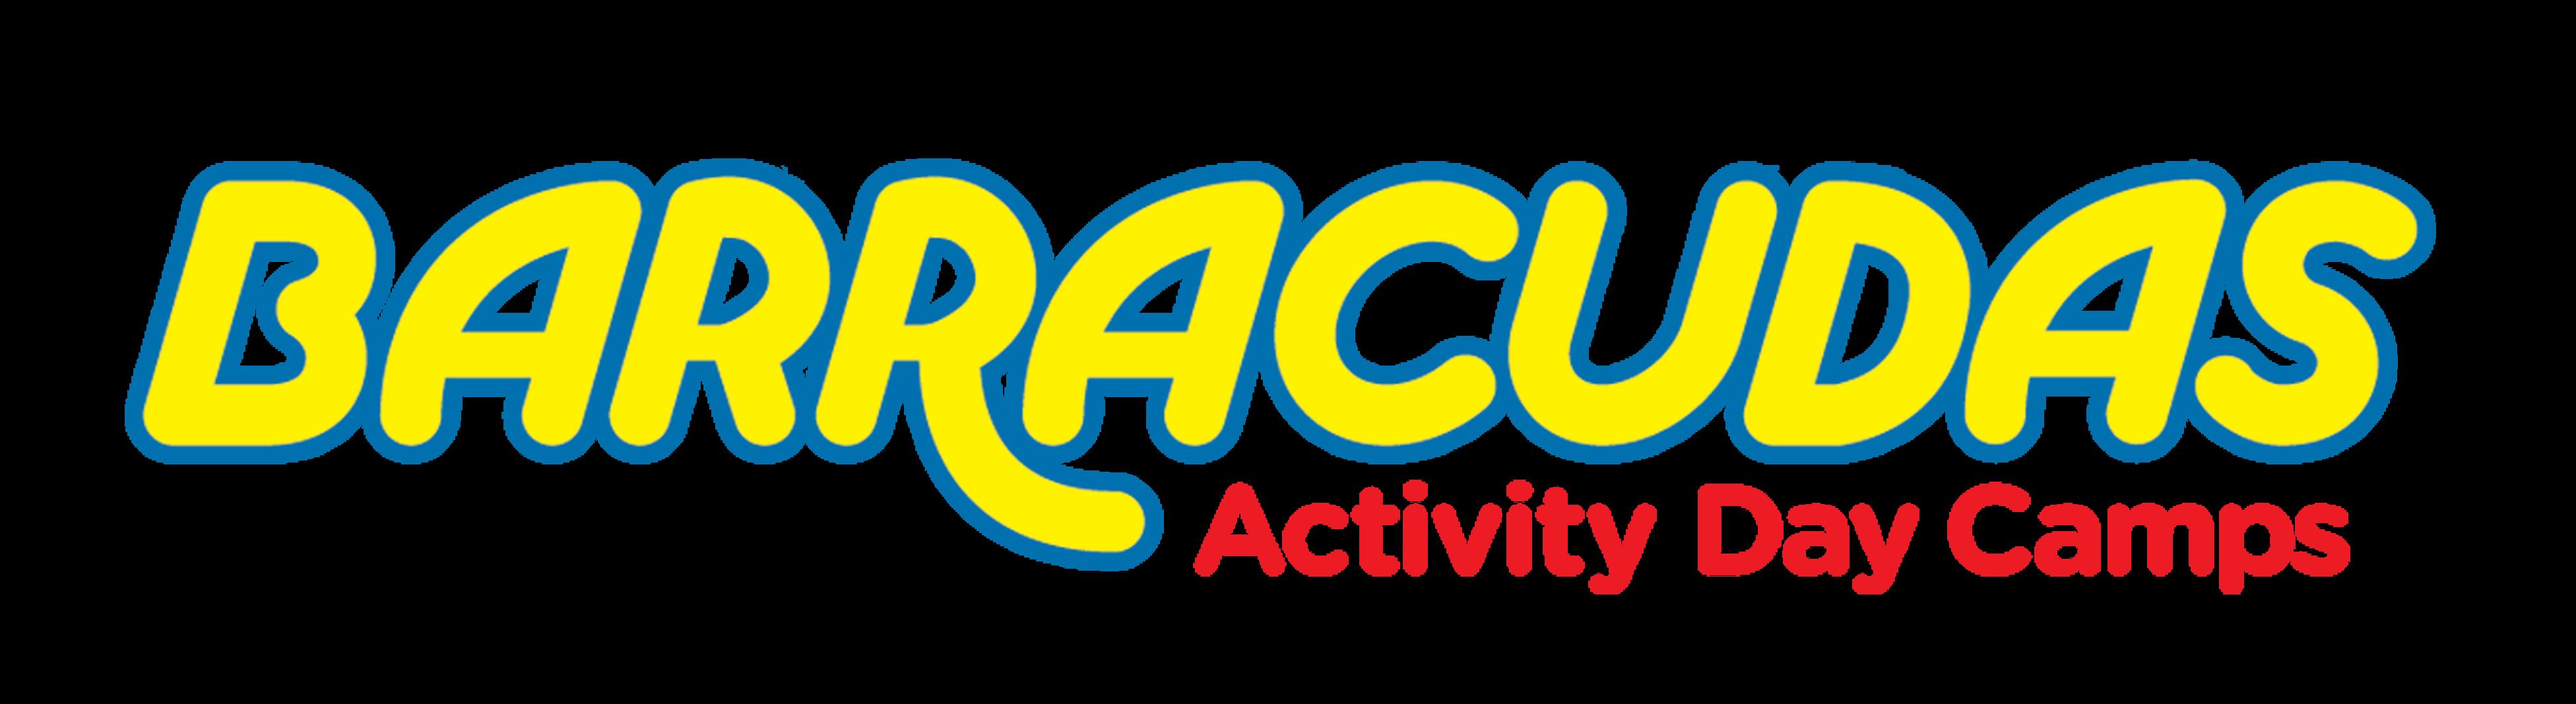 Barracudas logo